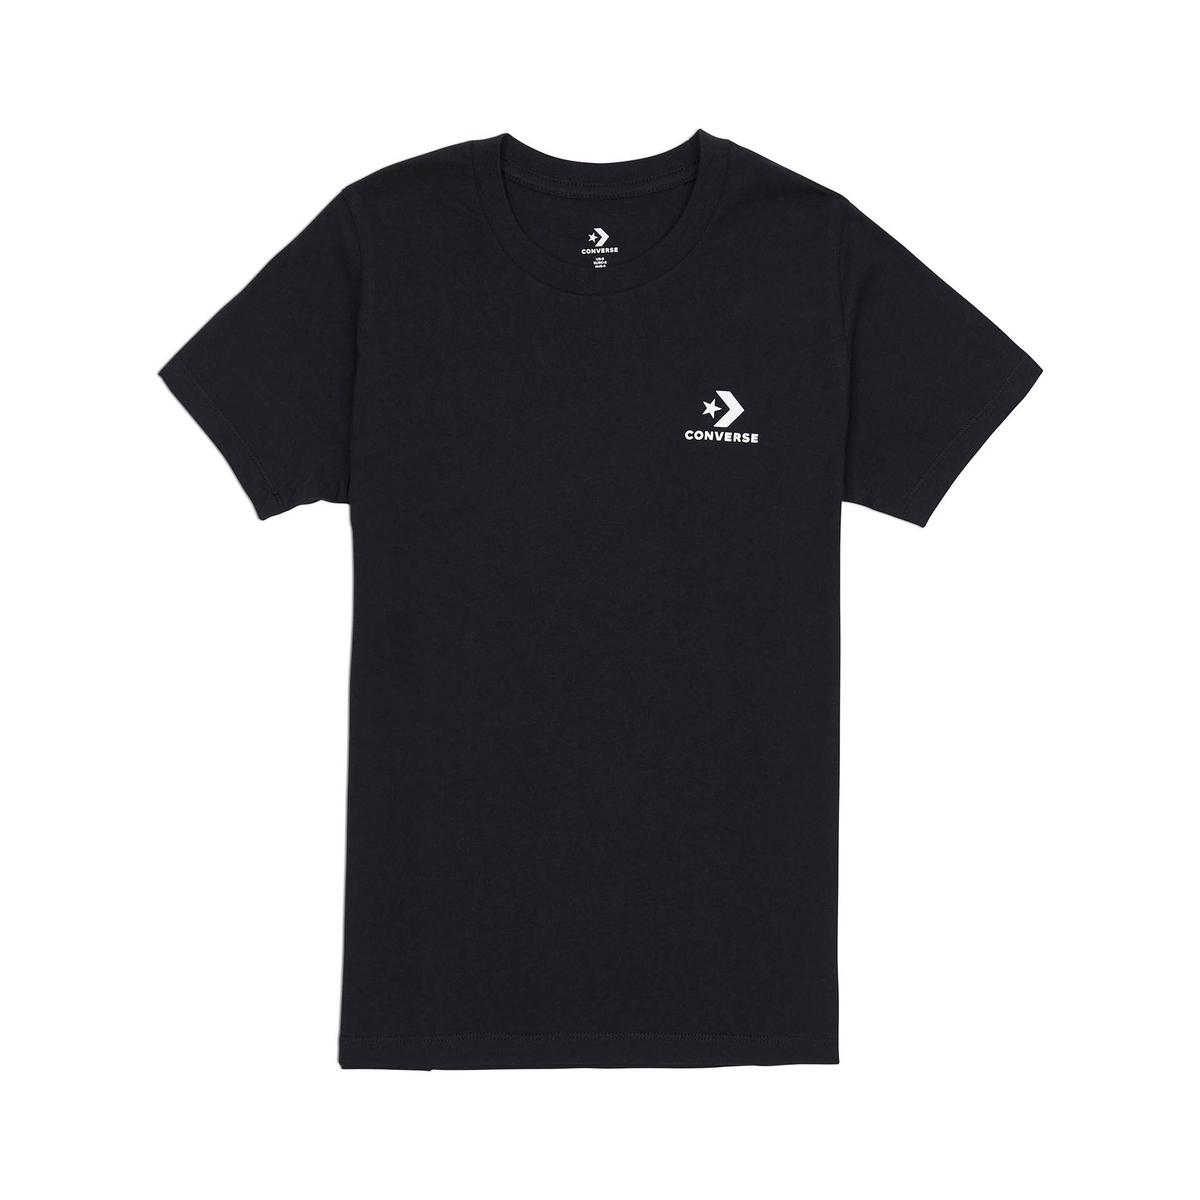 Imagen principal de producto de Camiseta con cuello redondo y estampado delante, 100% algodón - Converse